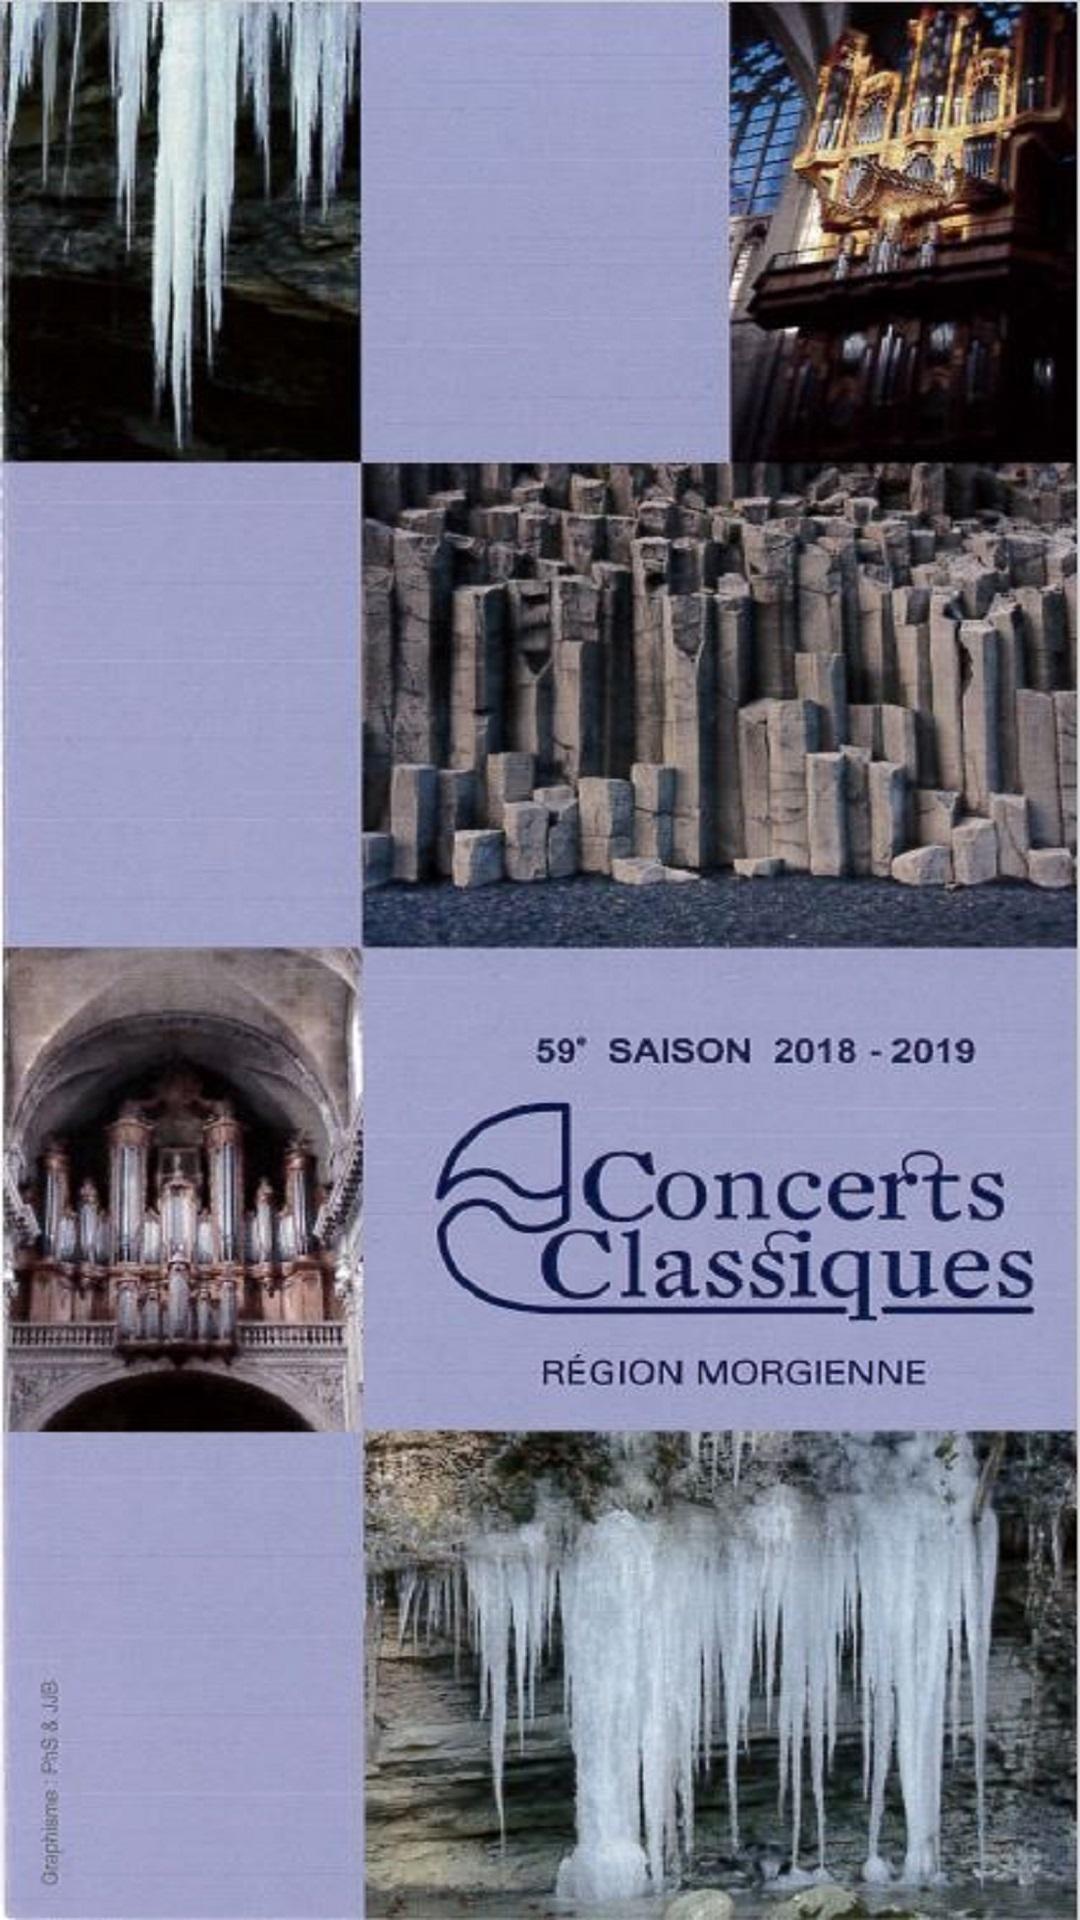 59e saison des Concerts Classiques de la région morgienne